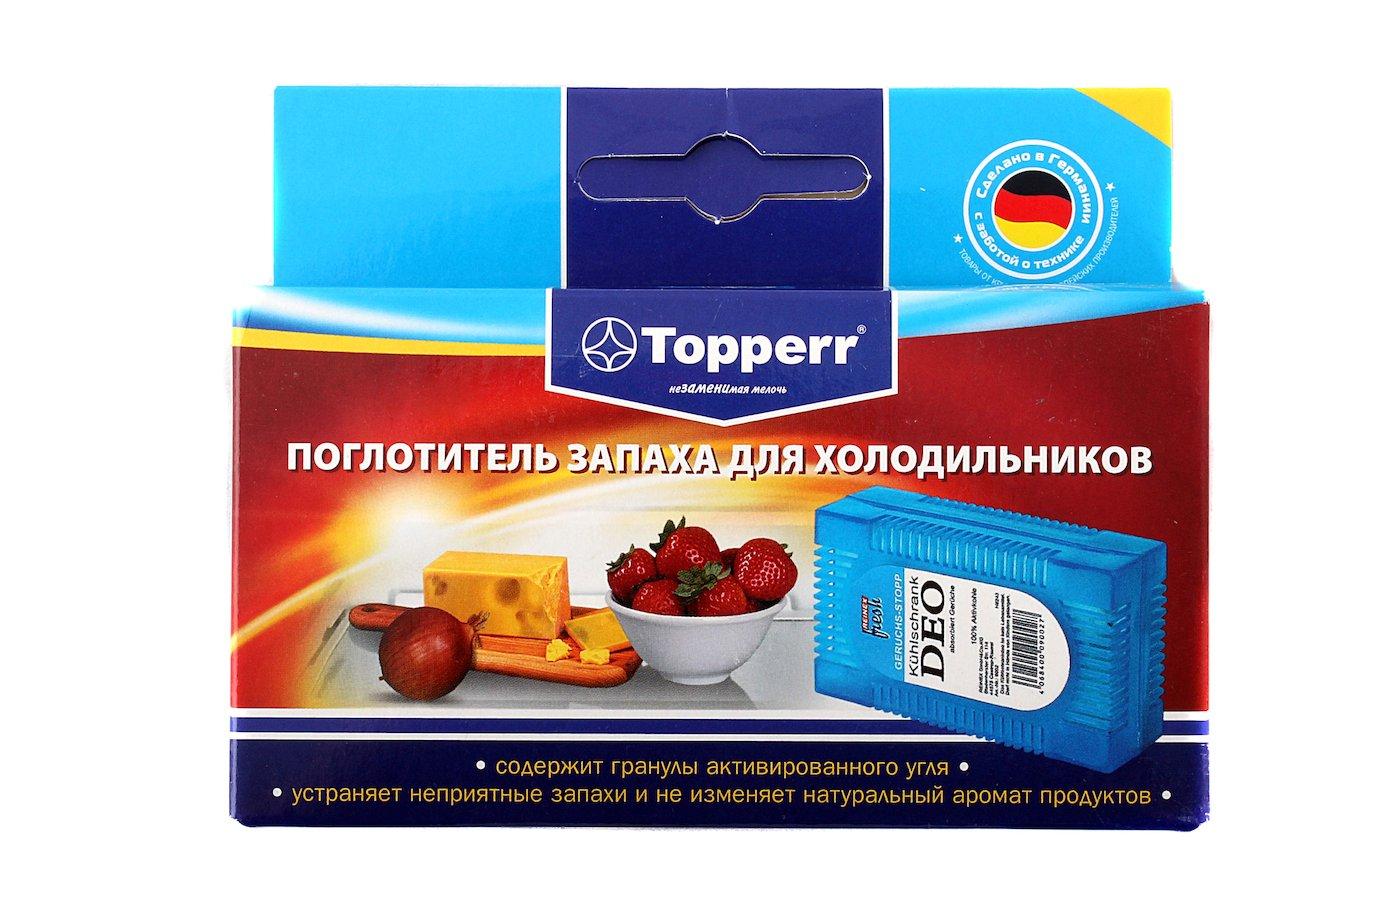 Аксессуар к холодильникам TOPPERR 3103 Поглотитель запаха д/холодильника